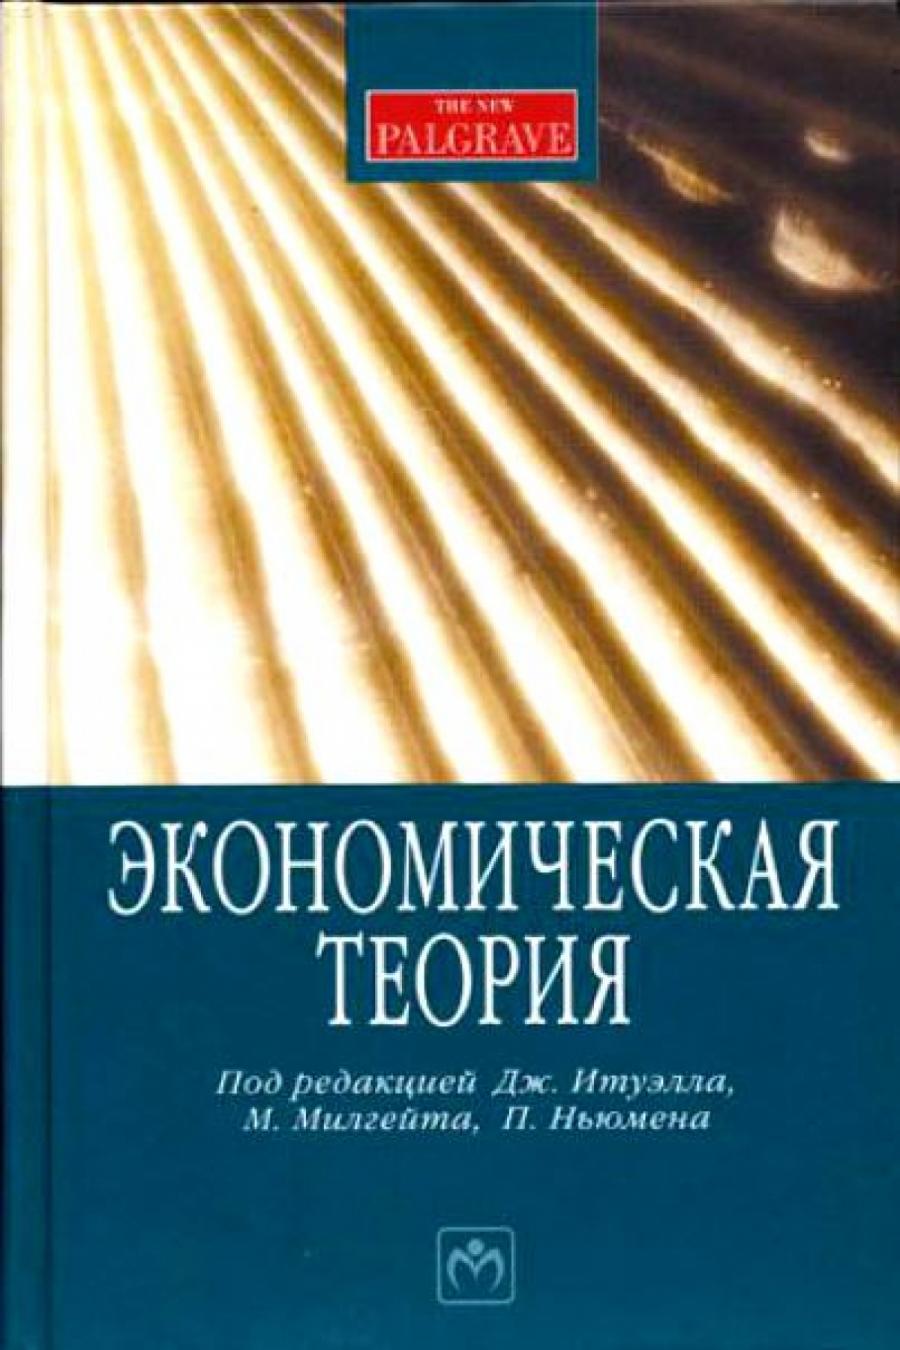 Обложка книги:  итуэлл дж., милгейт м., ньюмен п. - экономическая теория